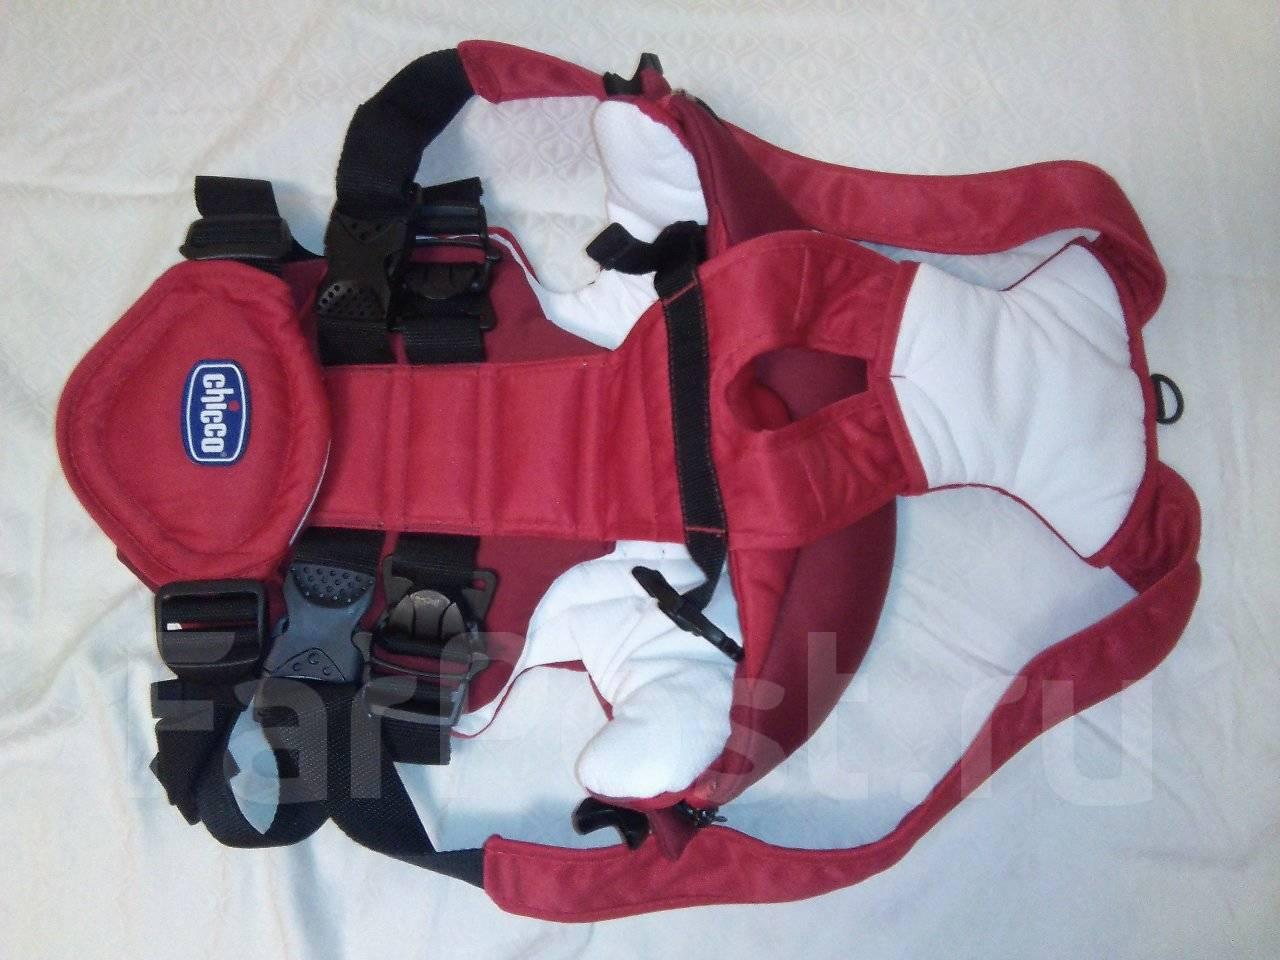 Барахолка санкт петербург рюкзак для переноски детей недорогой велорюкзак